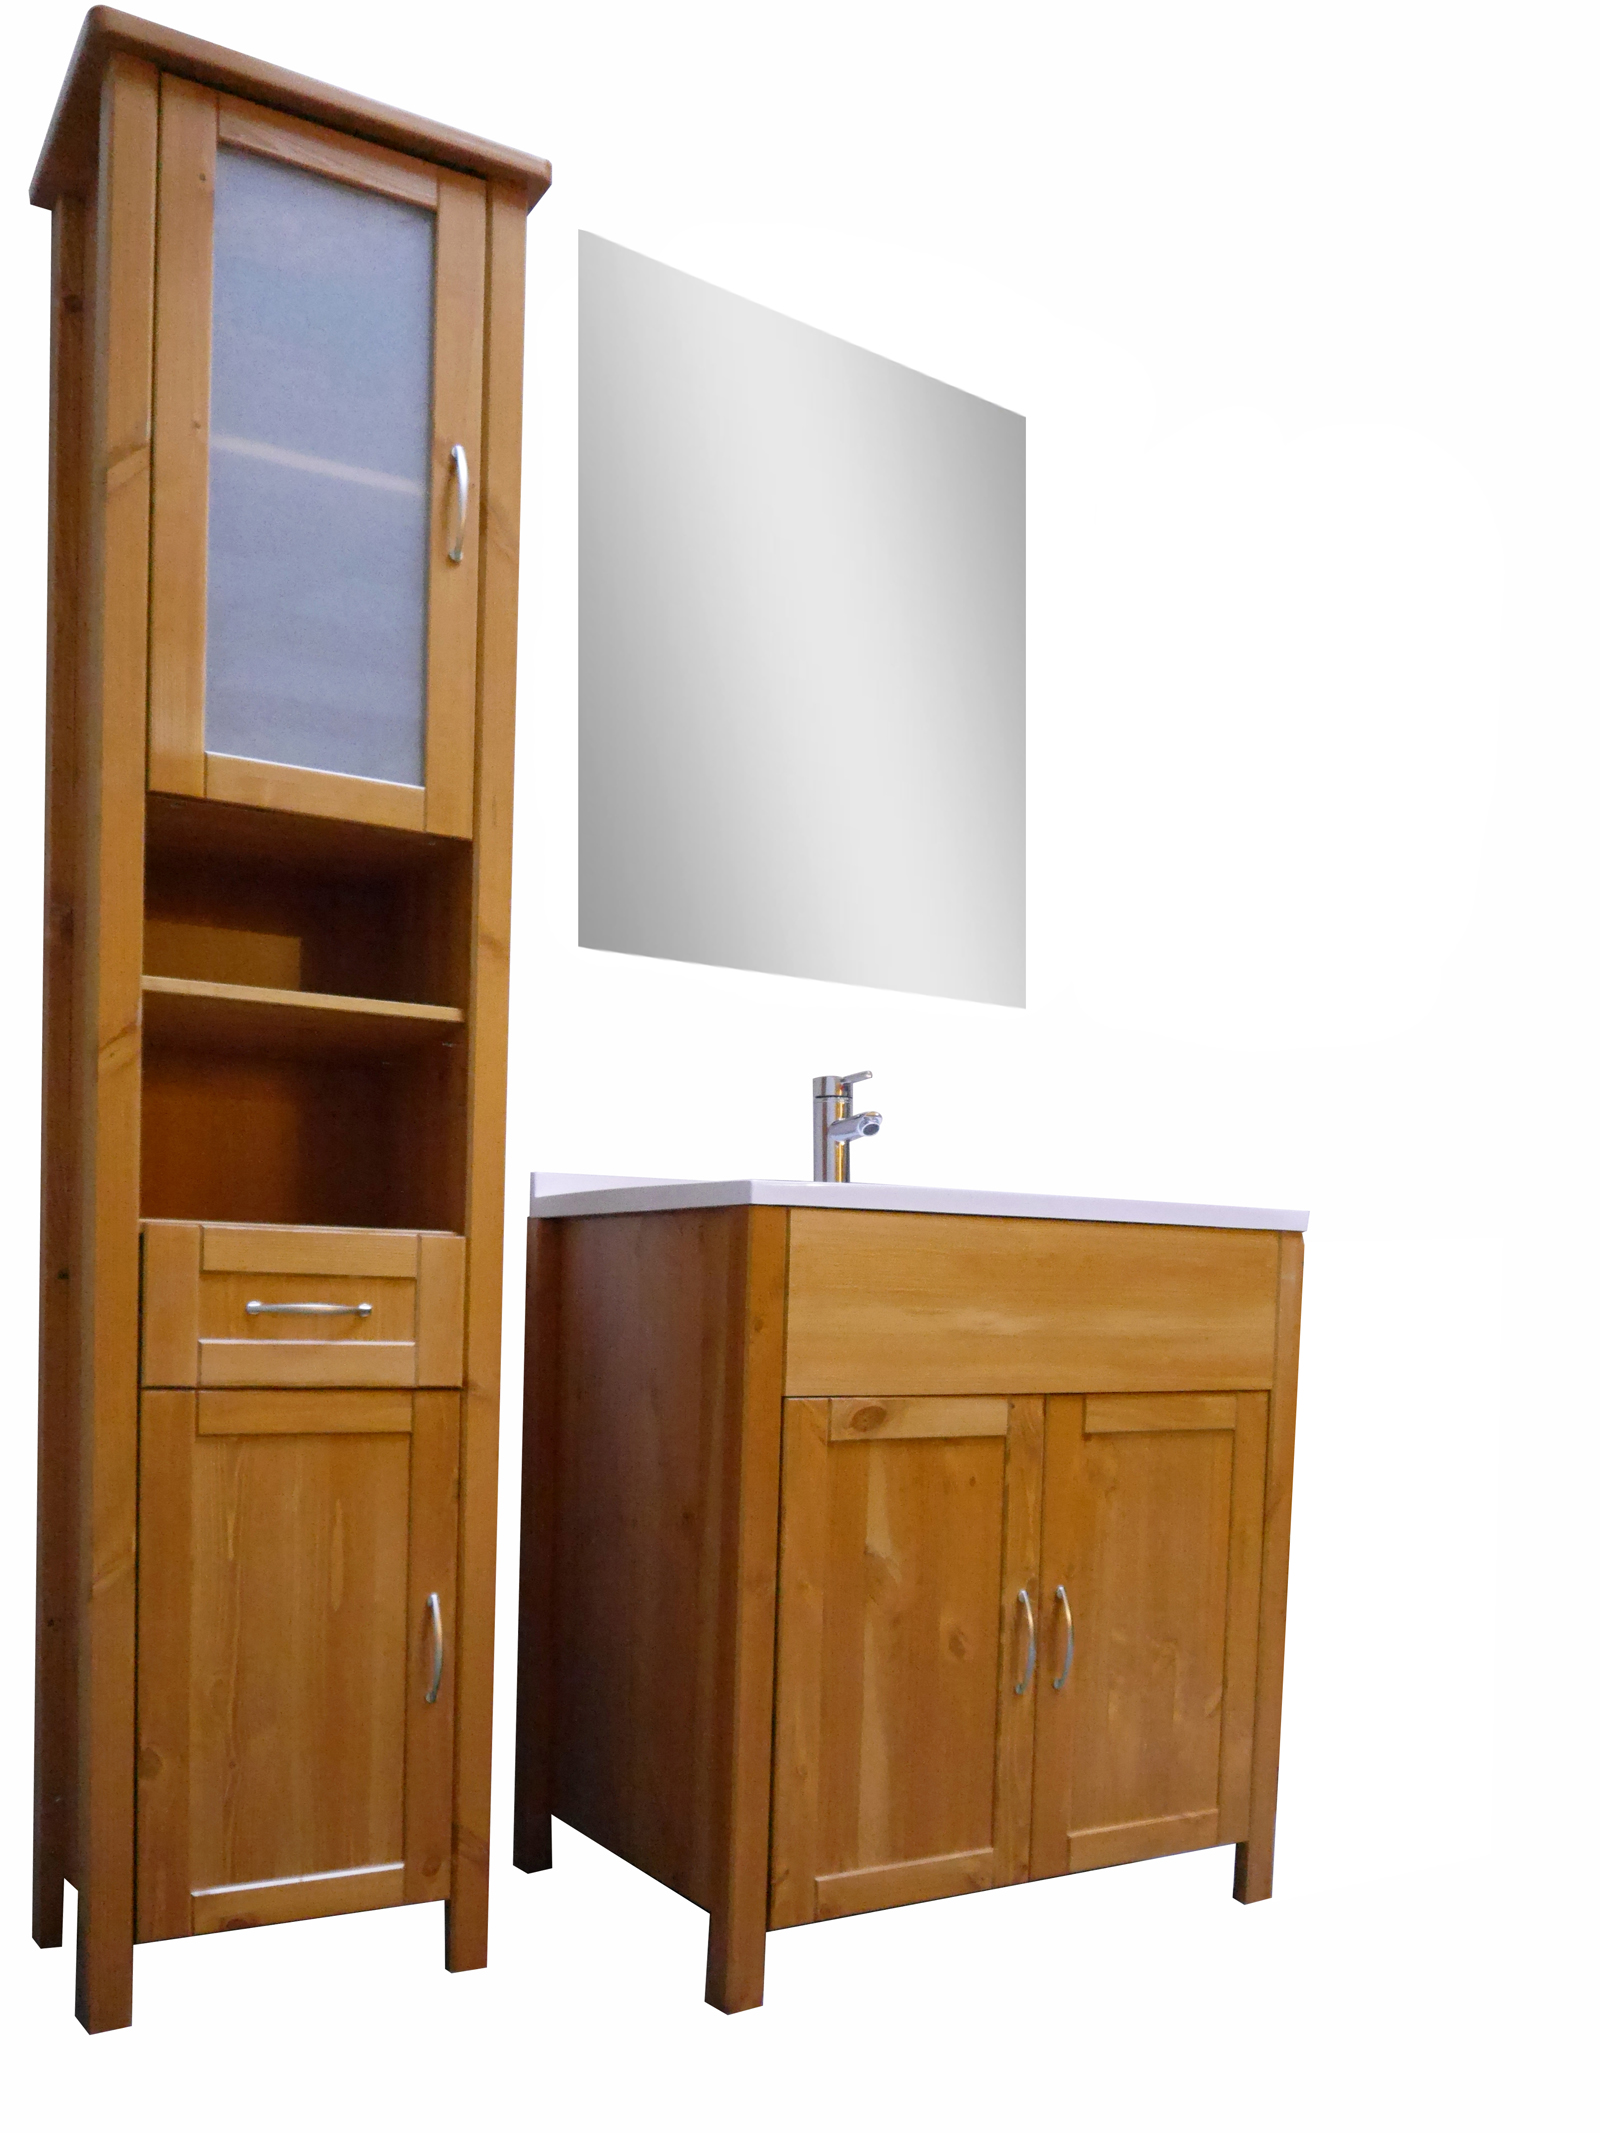 sale badm bel set 3tlg honig hoch massiv kiefer lackiert venedig. Black Bedroom Furniture Sets. Home Design Ideas